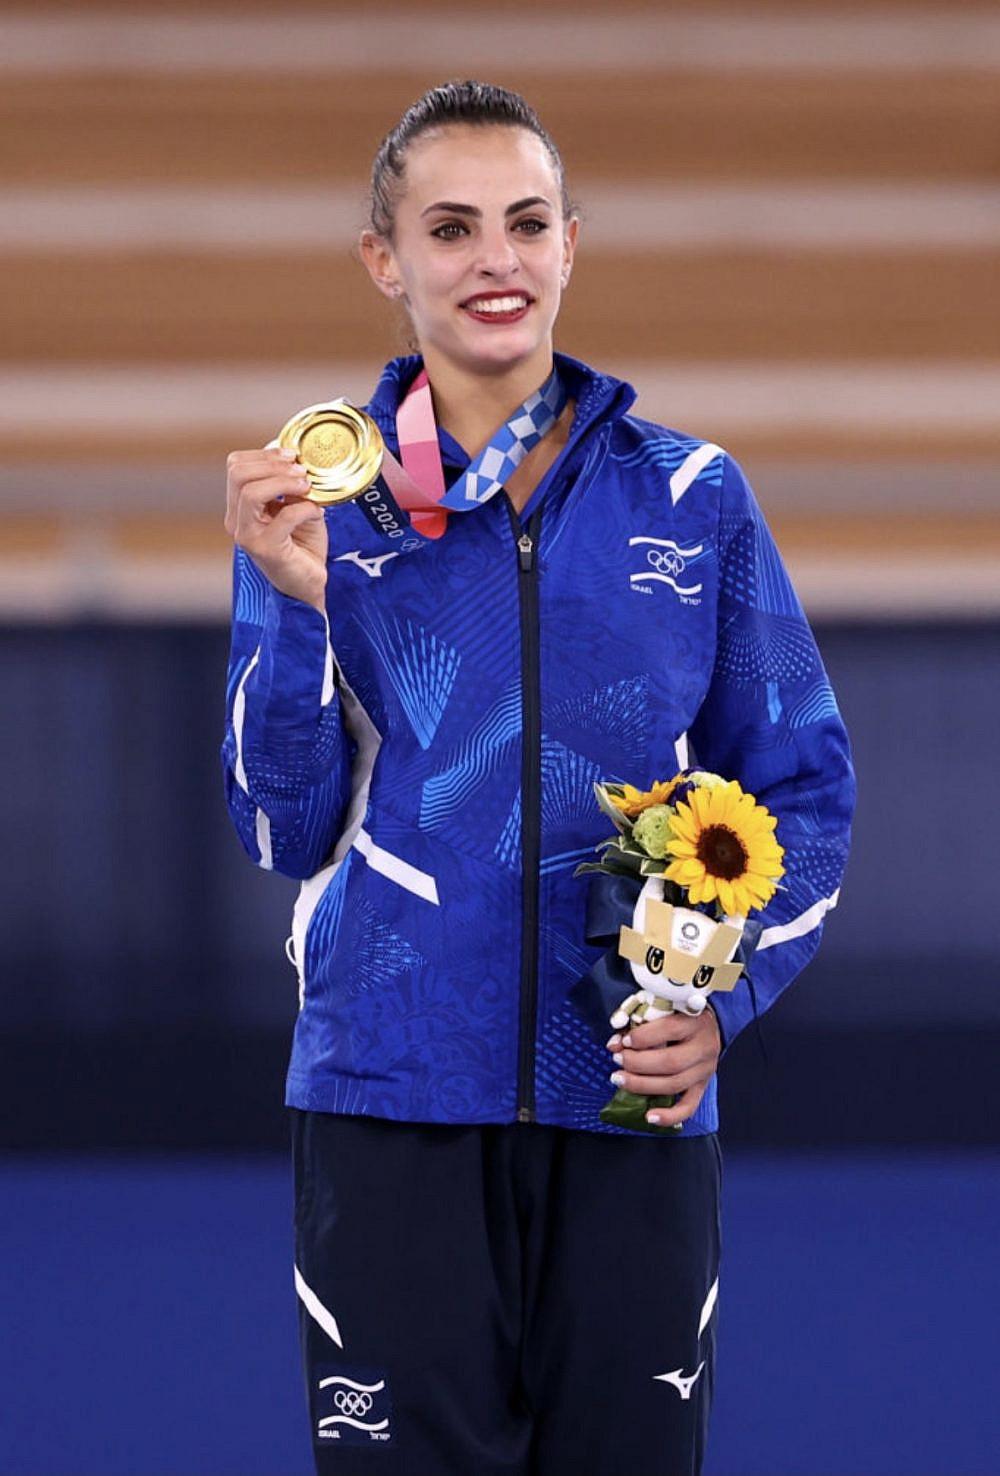 מקבלת את מדליית הזהב באולימפיידת טוקיו. לינוי אשרם אלופה | צילום: Laurence Griffiths, Getty Images